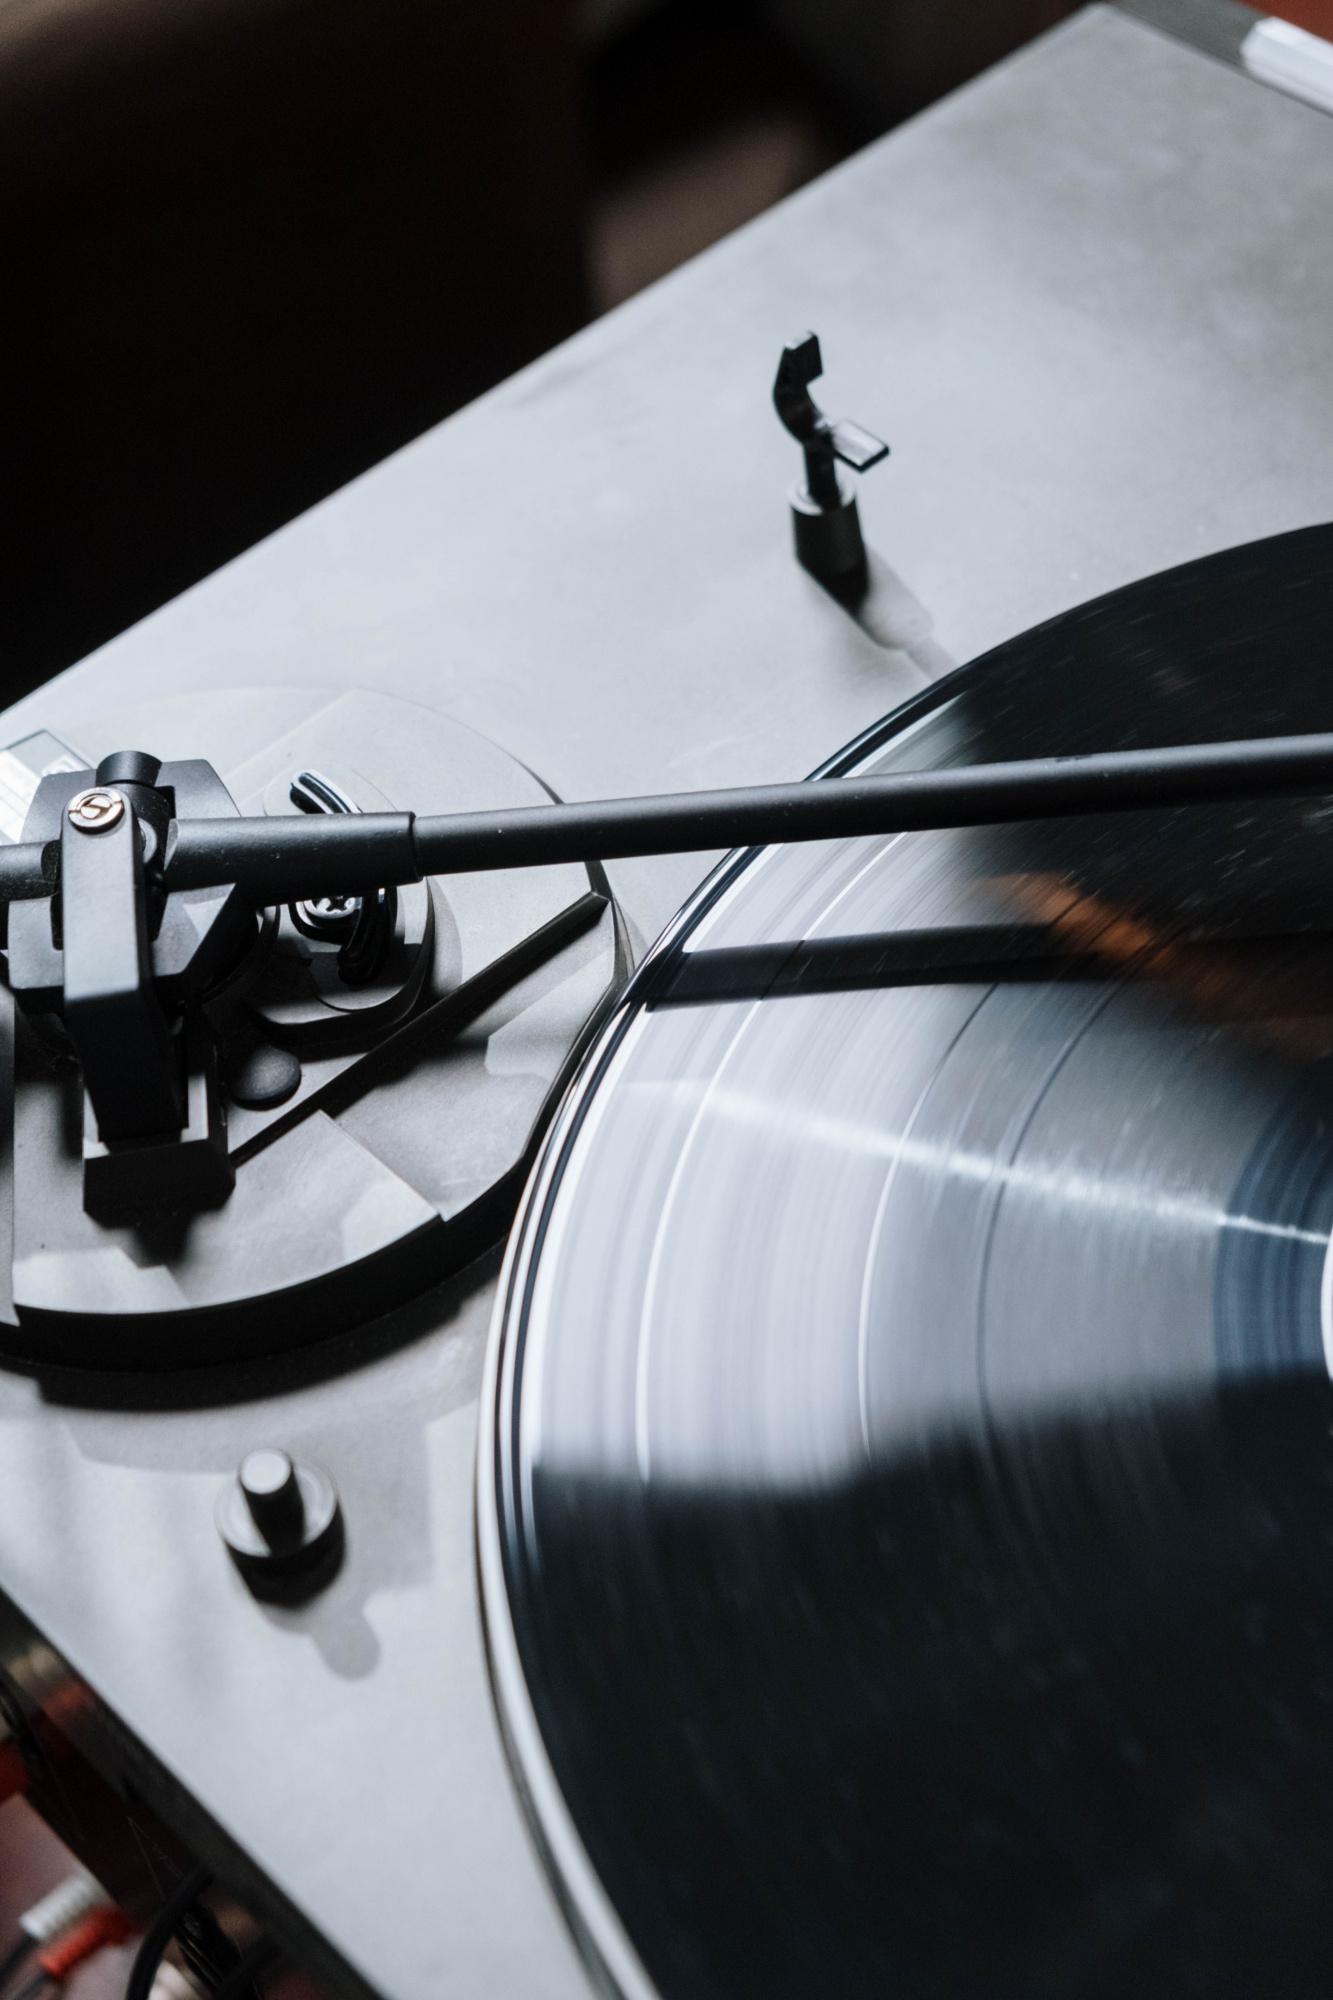 lunatic header vinyl preisanfrage